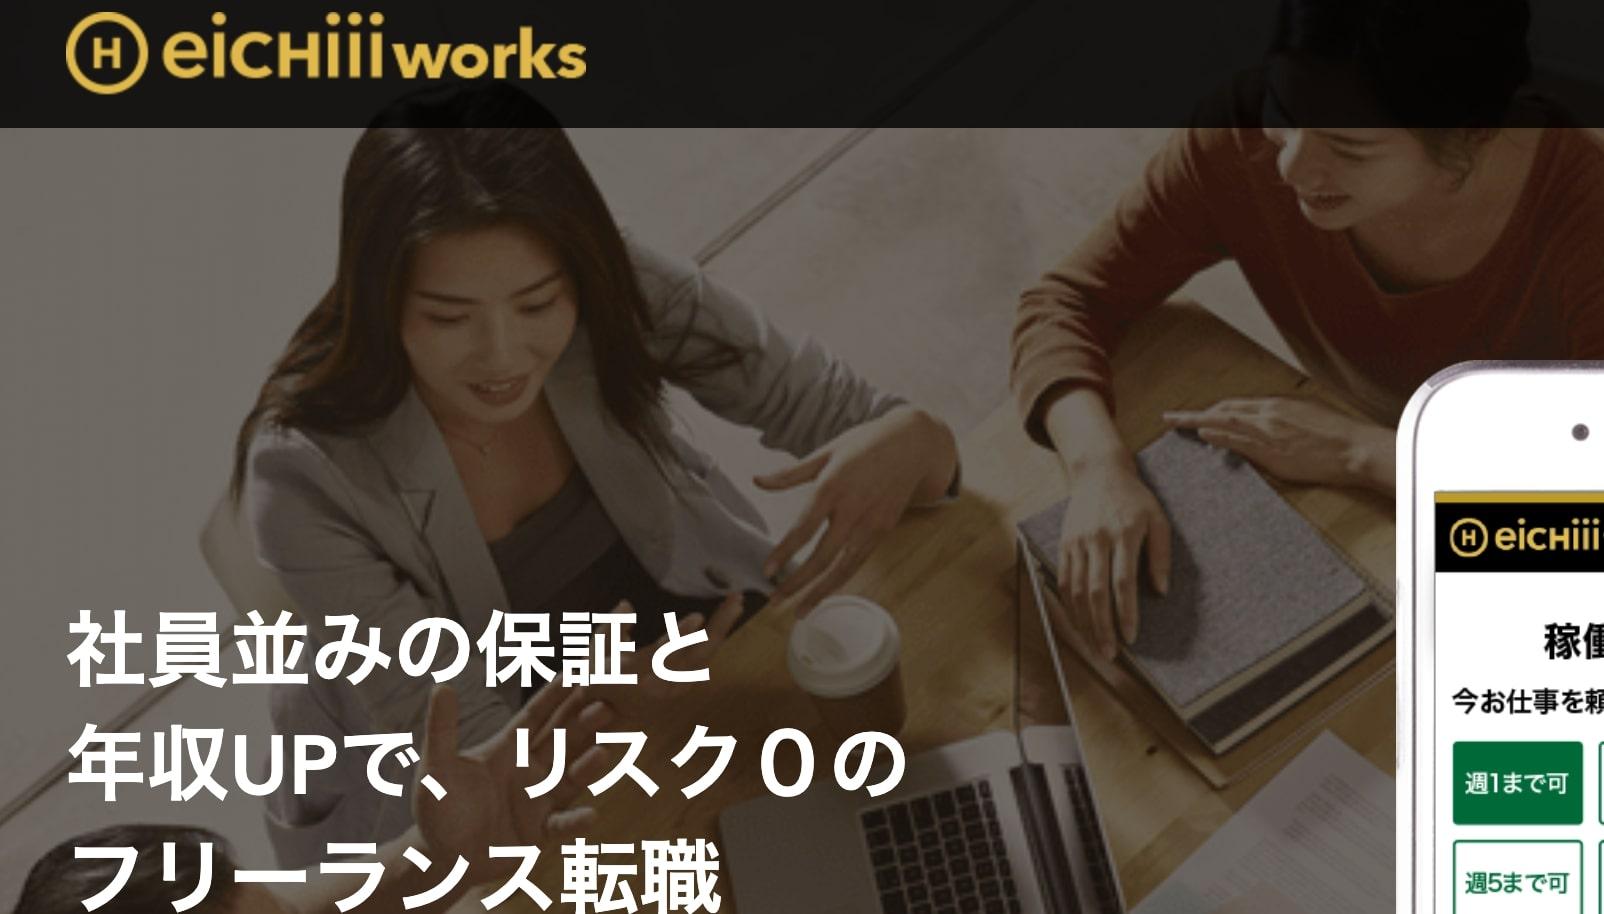 eichiiiworks